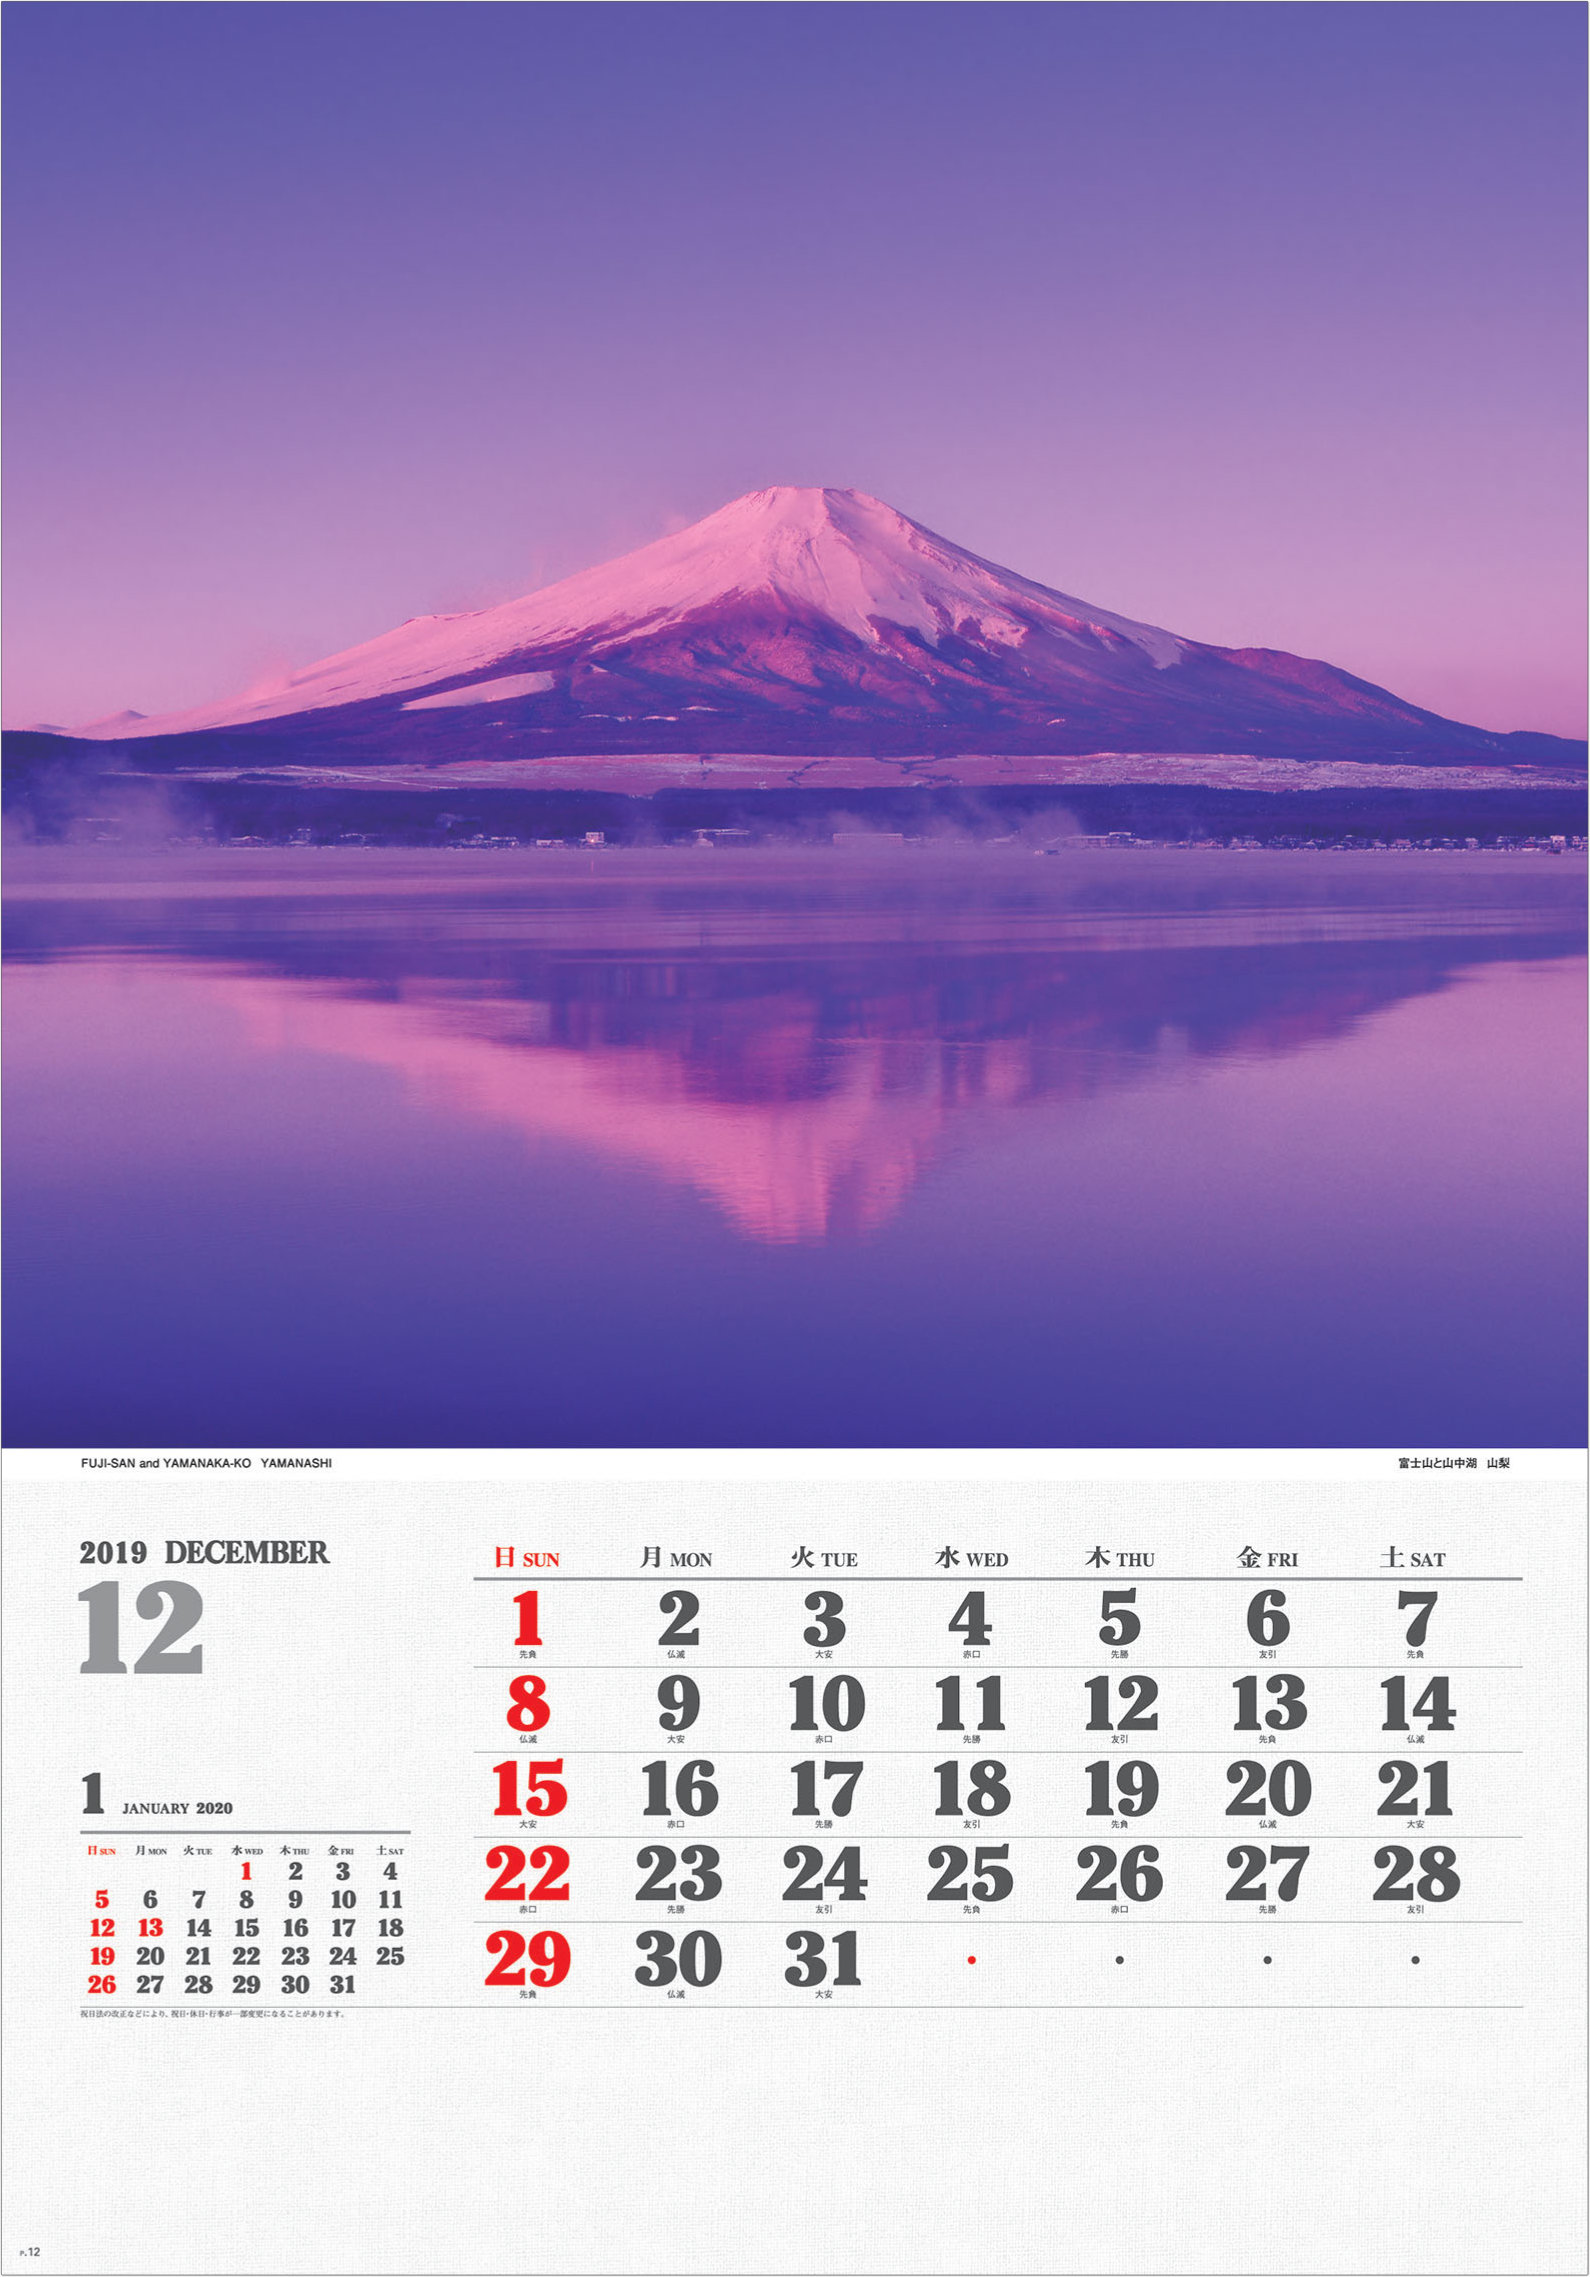 画像:山梨県 富士山と山中湖 ワイドニッポン十二選(フィルムカレンダー) 2019年カレンダー